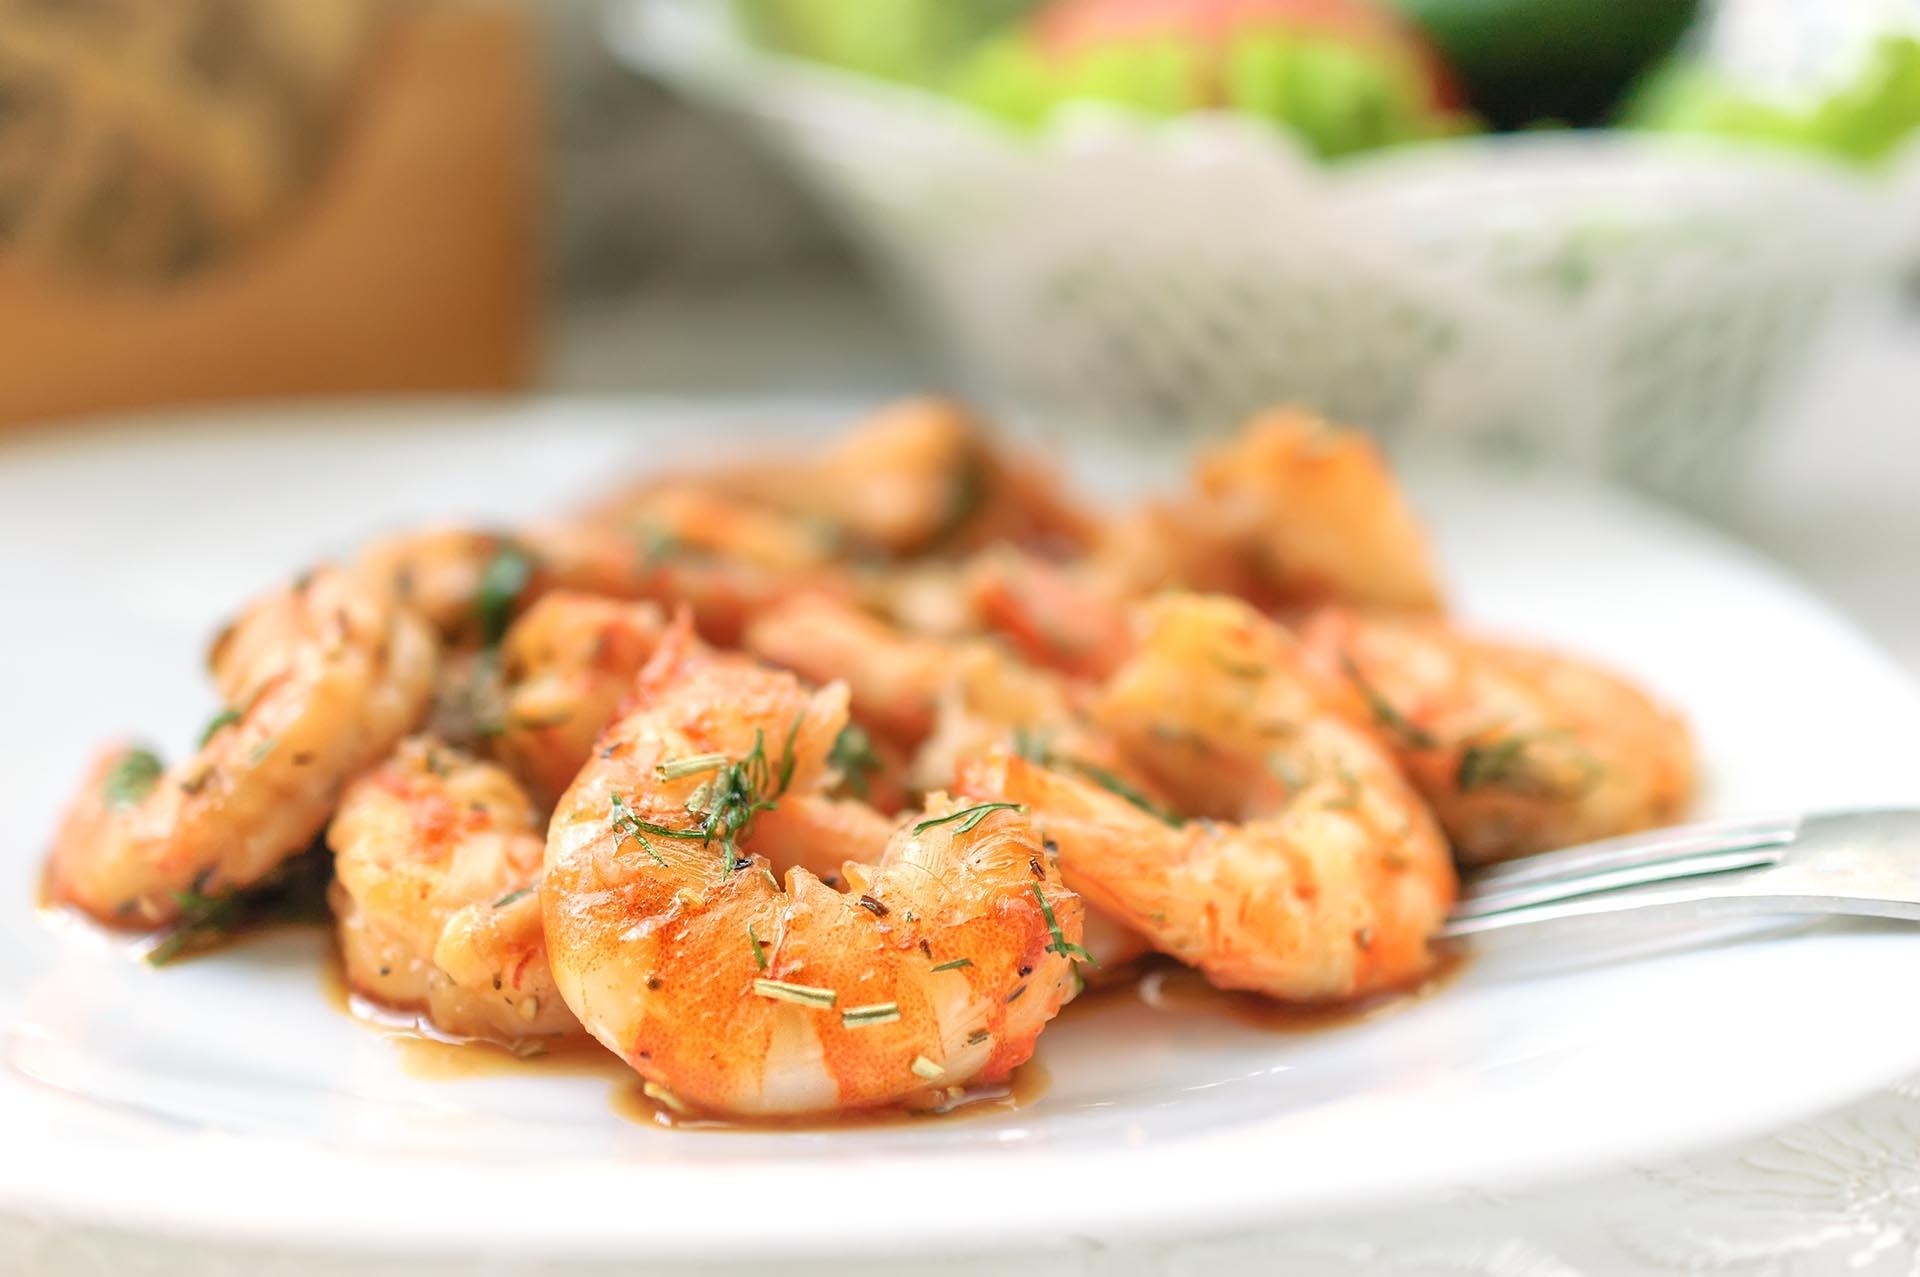 La calidad de un plato depende de la frescura de la materia prima (Getty)